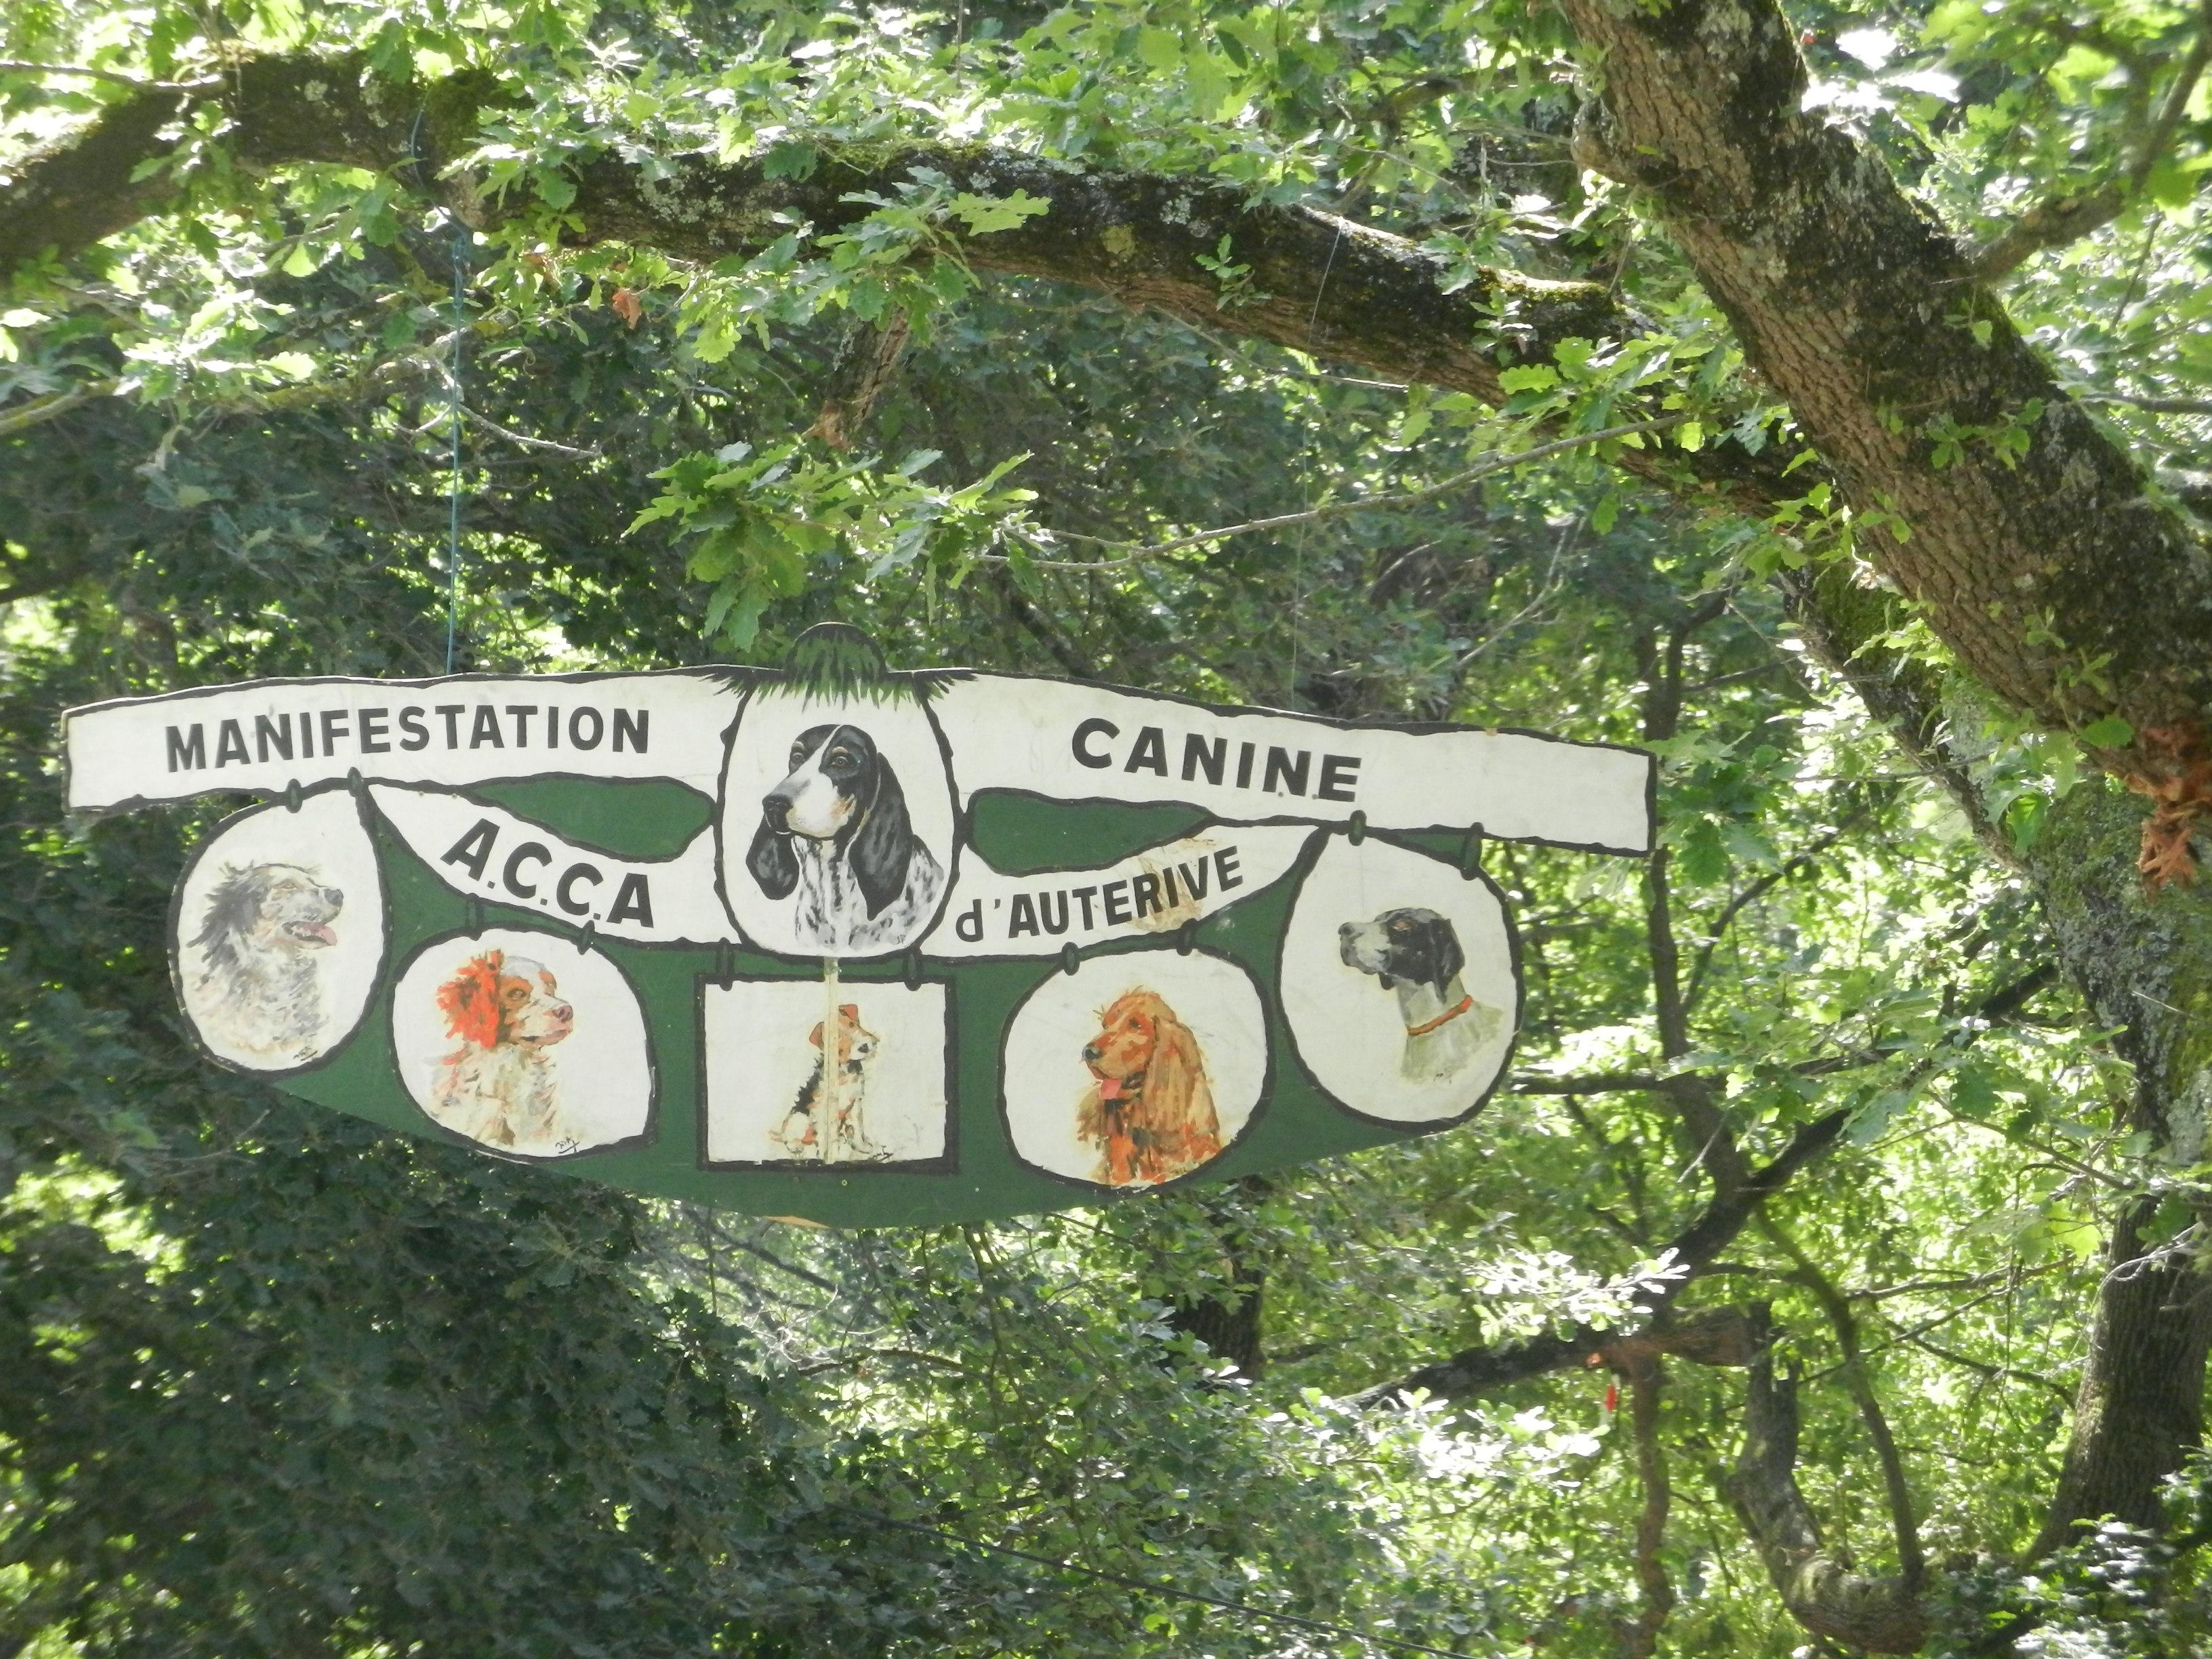 Dimanche, la fête du chien et de la chasse au bois Notre Dame